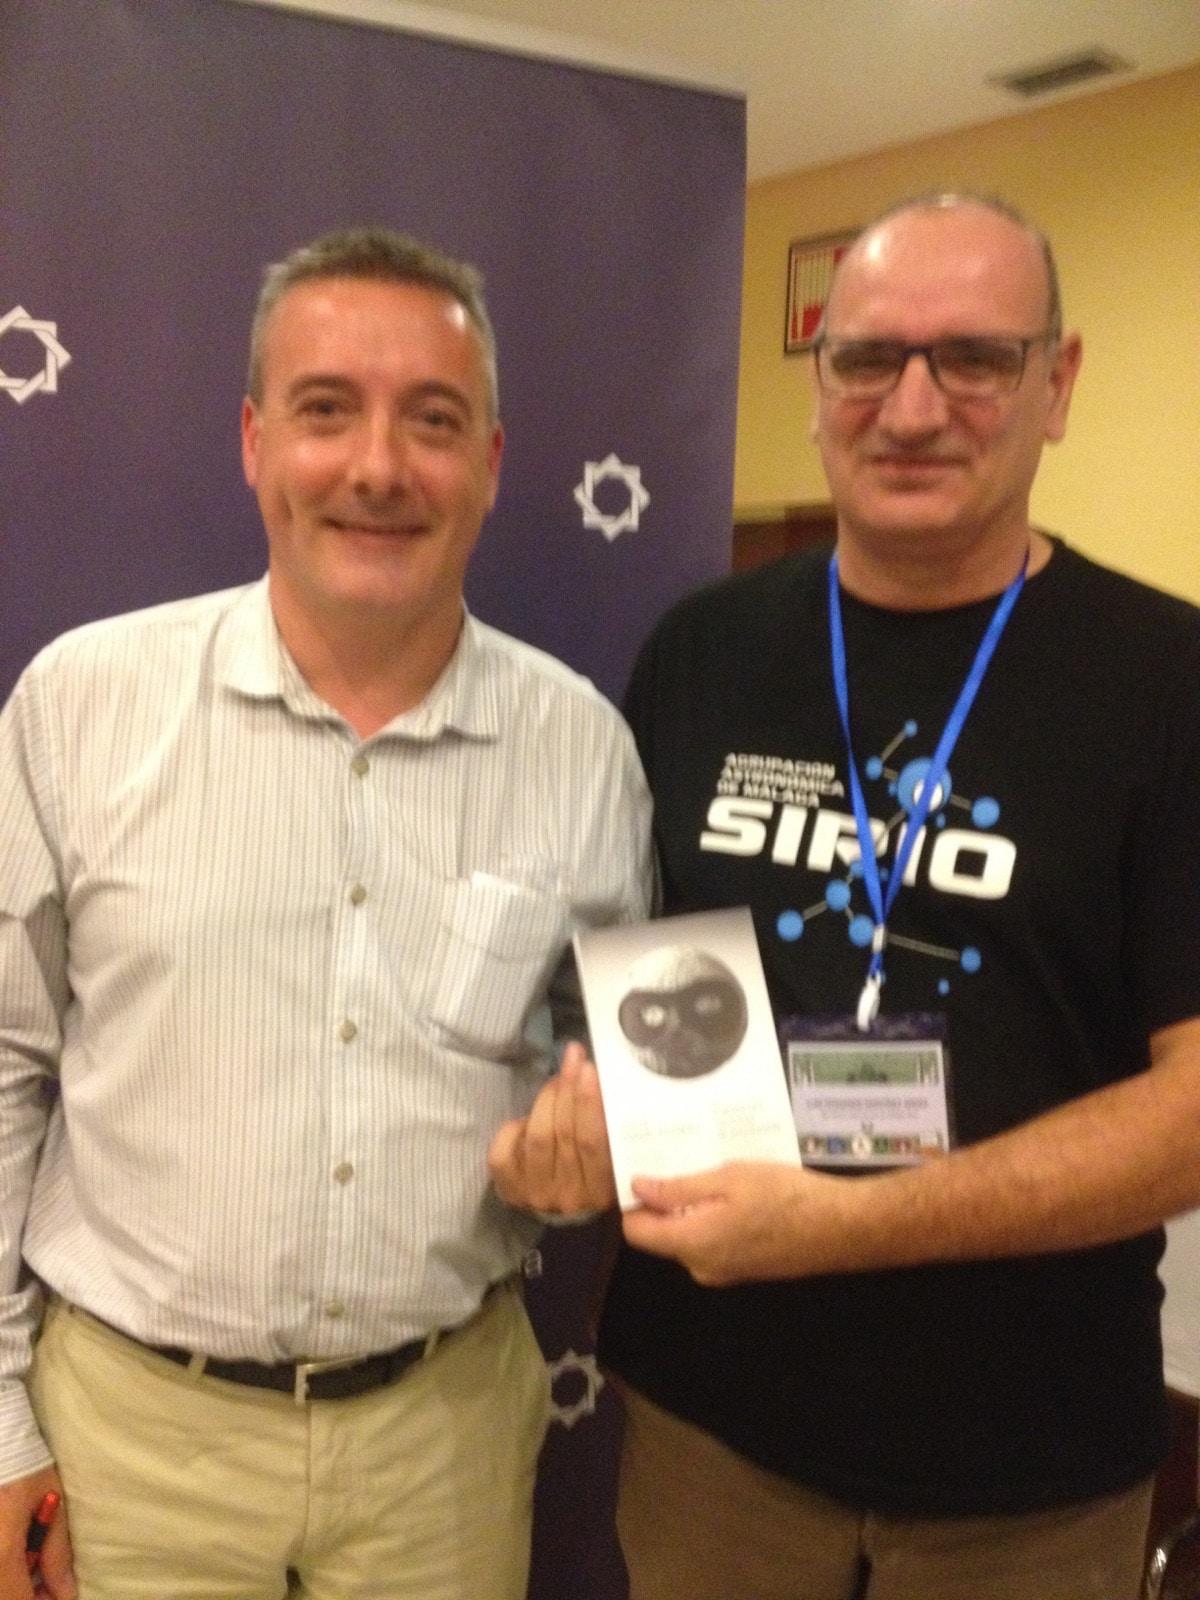 David Galadí junto a Luis Fernando Martínez, miembro de la Asociación Sirio.